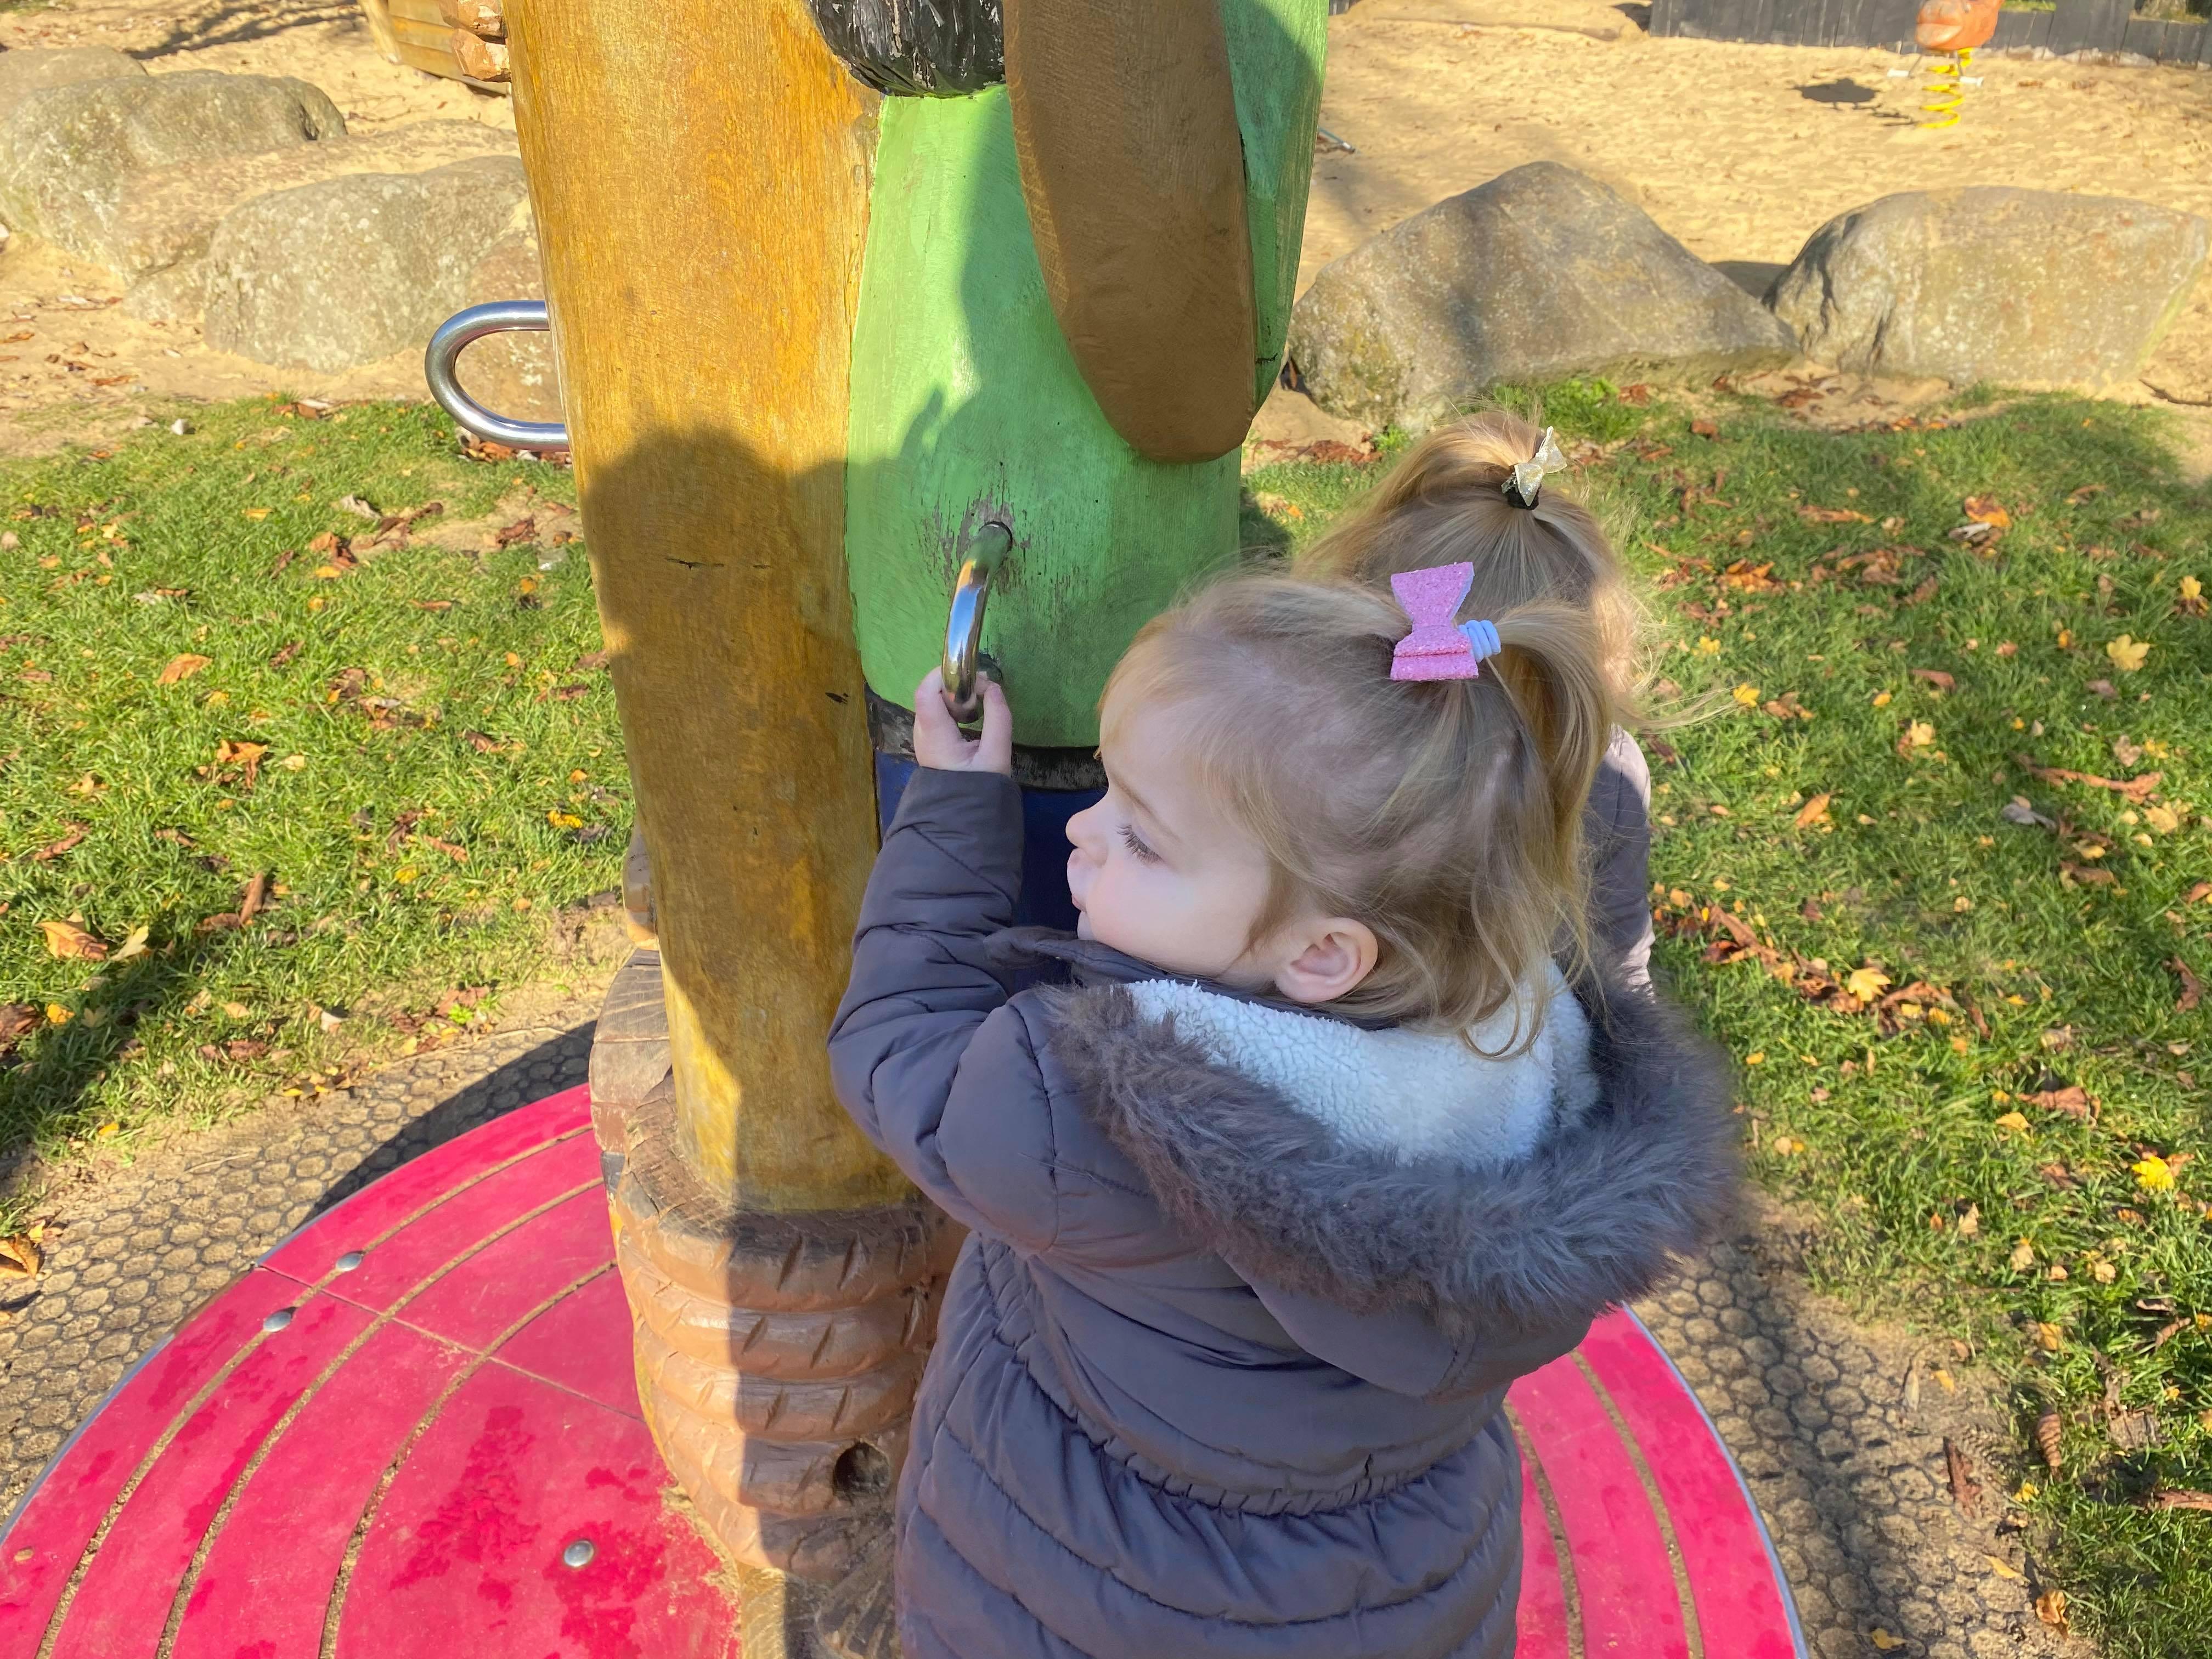 pirate park loughton milton keynes, milton keynes mum blogger, loughton play park milton keynes